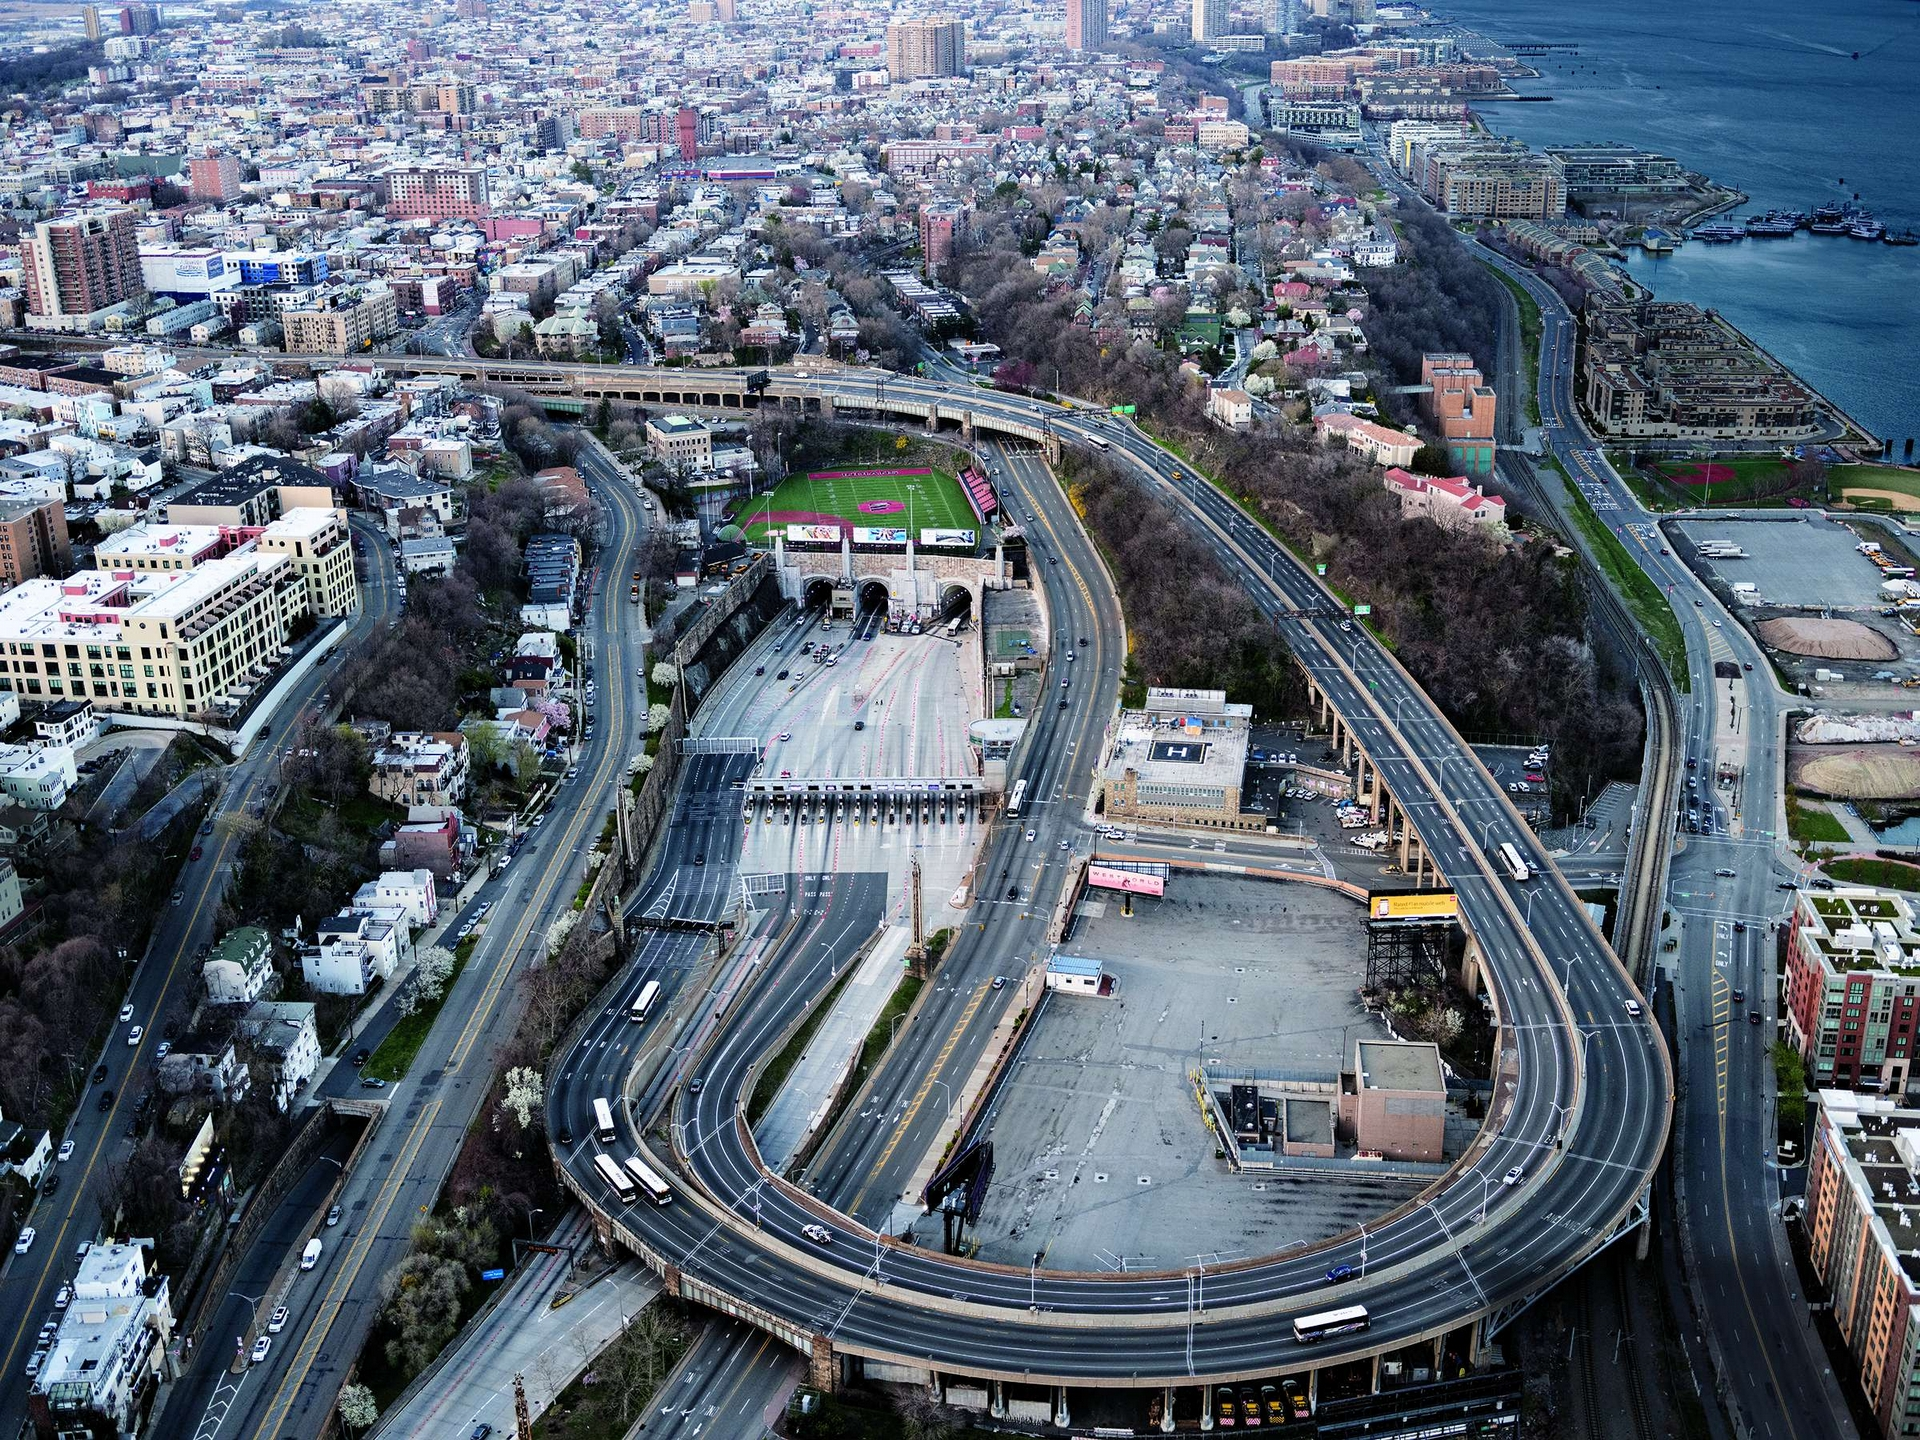 一般來說,連接紐約市和紐澤西州的林肯隧道附近路段會塞車。但在因應COVID-19疫情實施封鎖措施期間,這是2020年4月初傍晚尖峰時間的景象。 PHOTO: 史蒂芬.威爾克斯